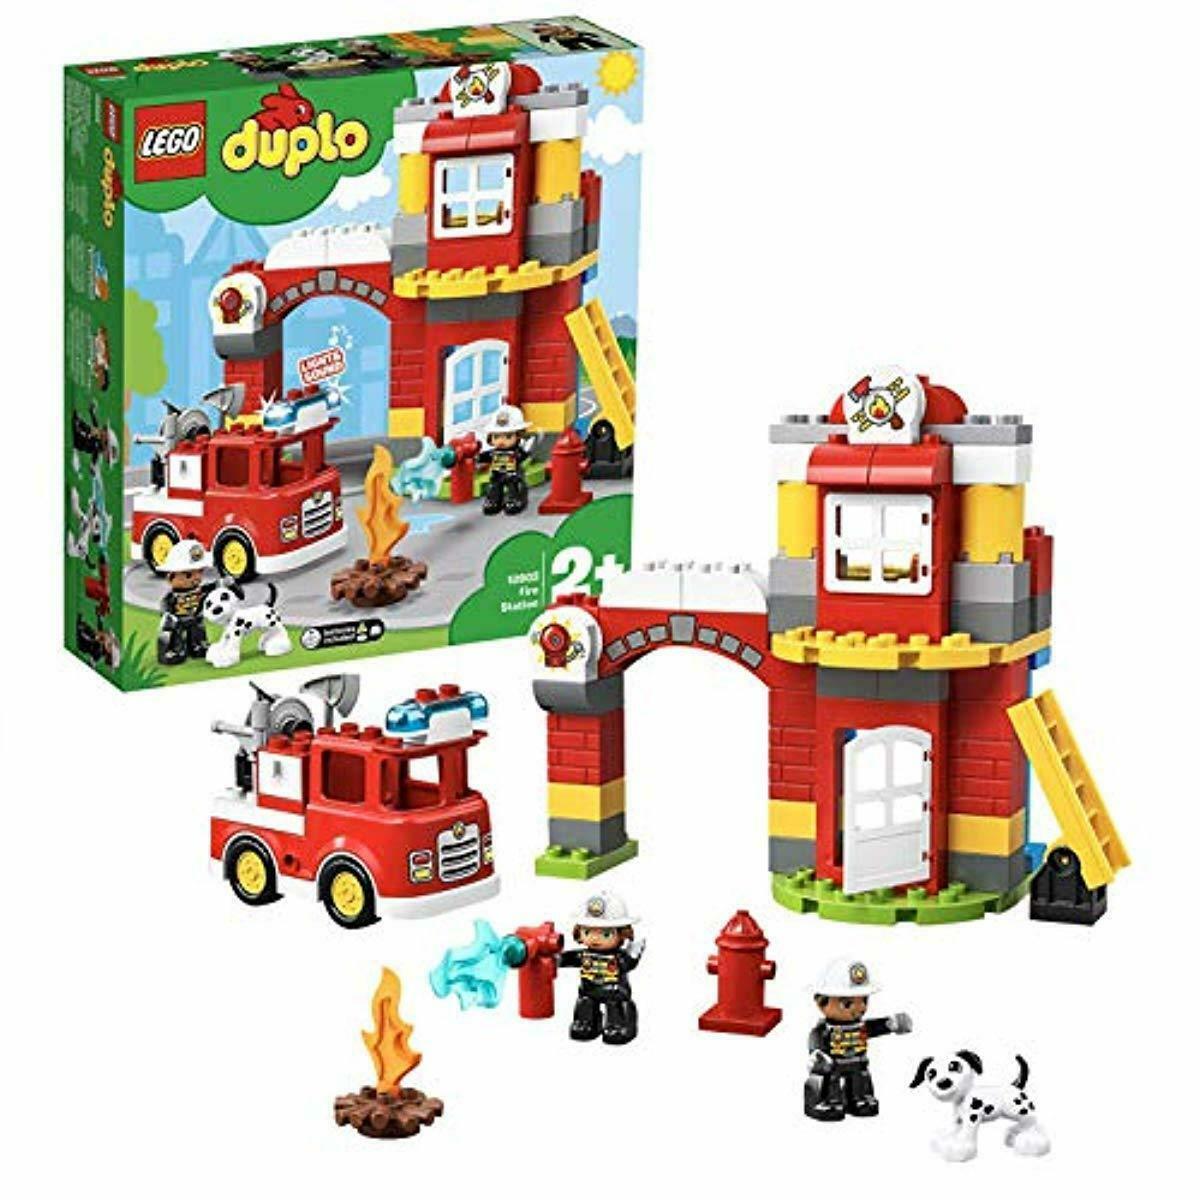 Details Zu Lego Duplo 10903 - Feuerwehrwache bestimmt für Lego Feuerwehrwache